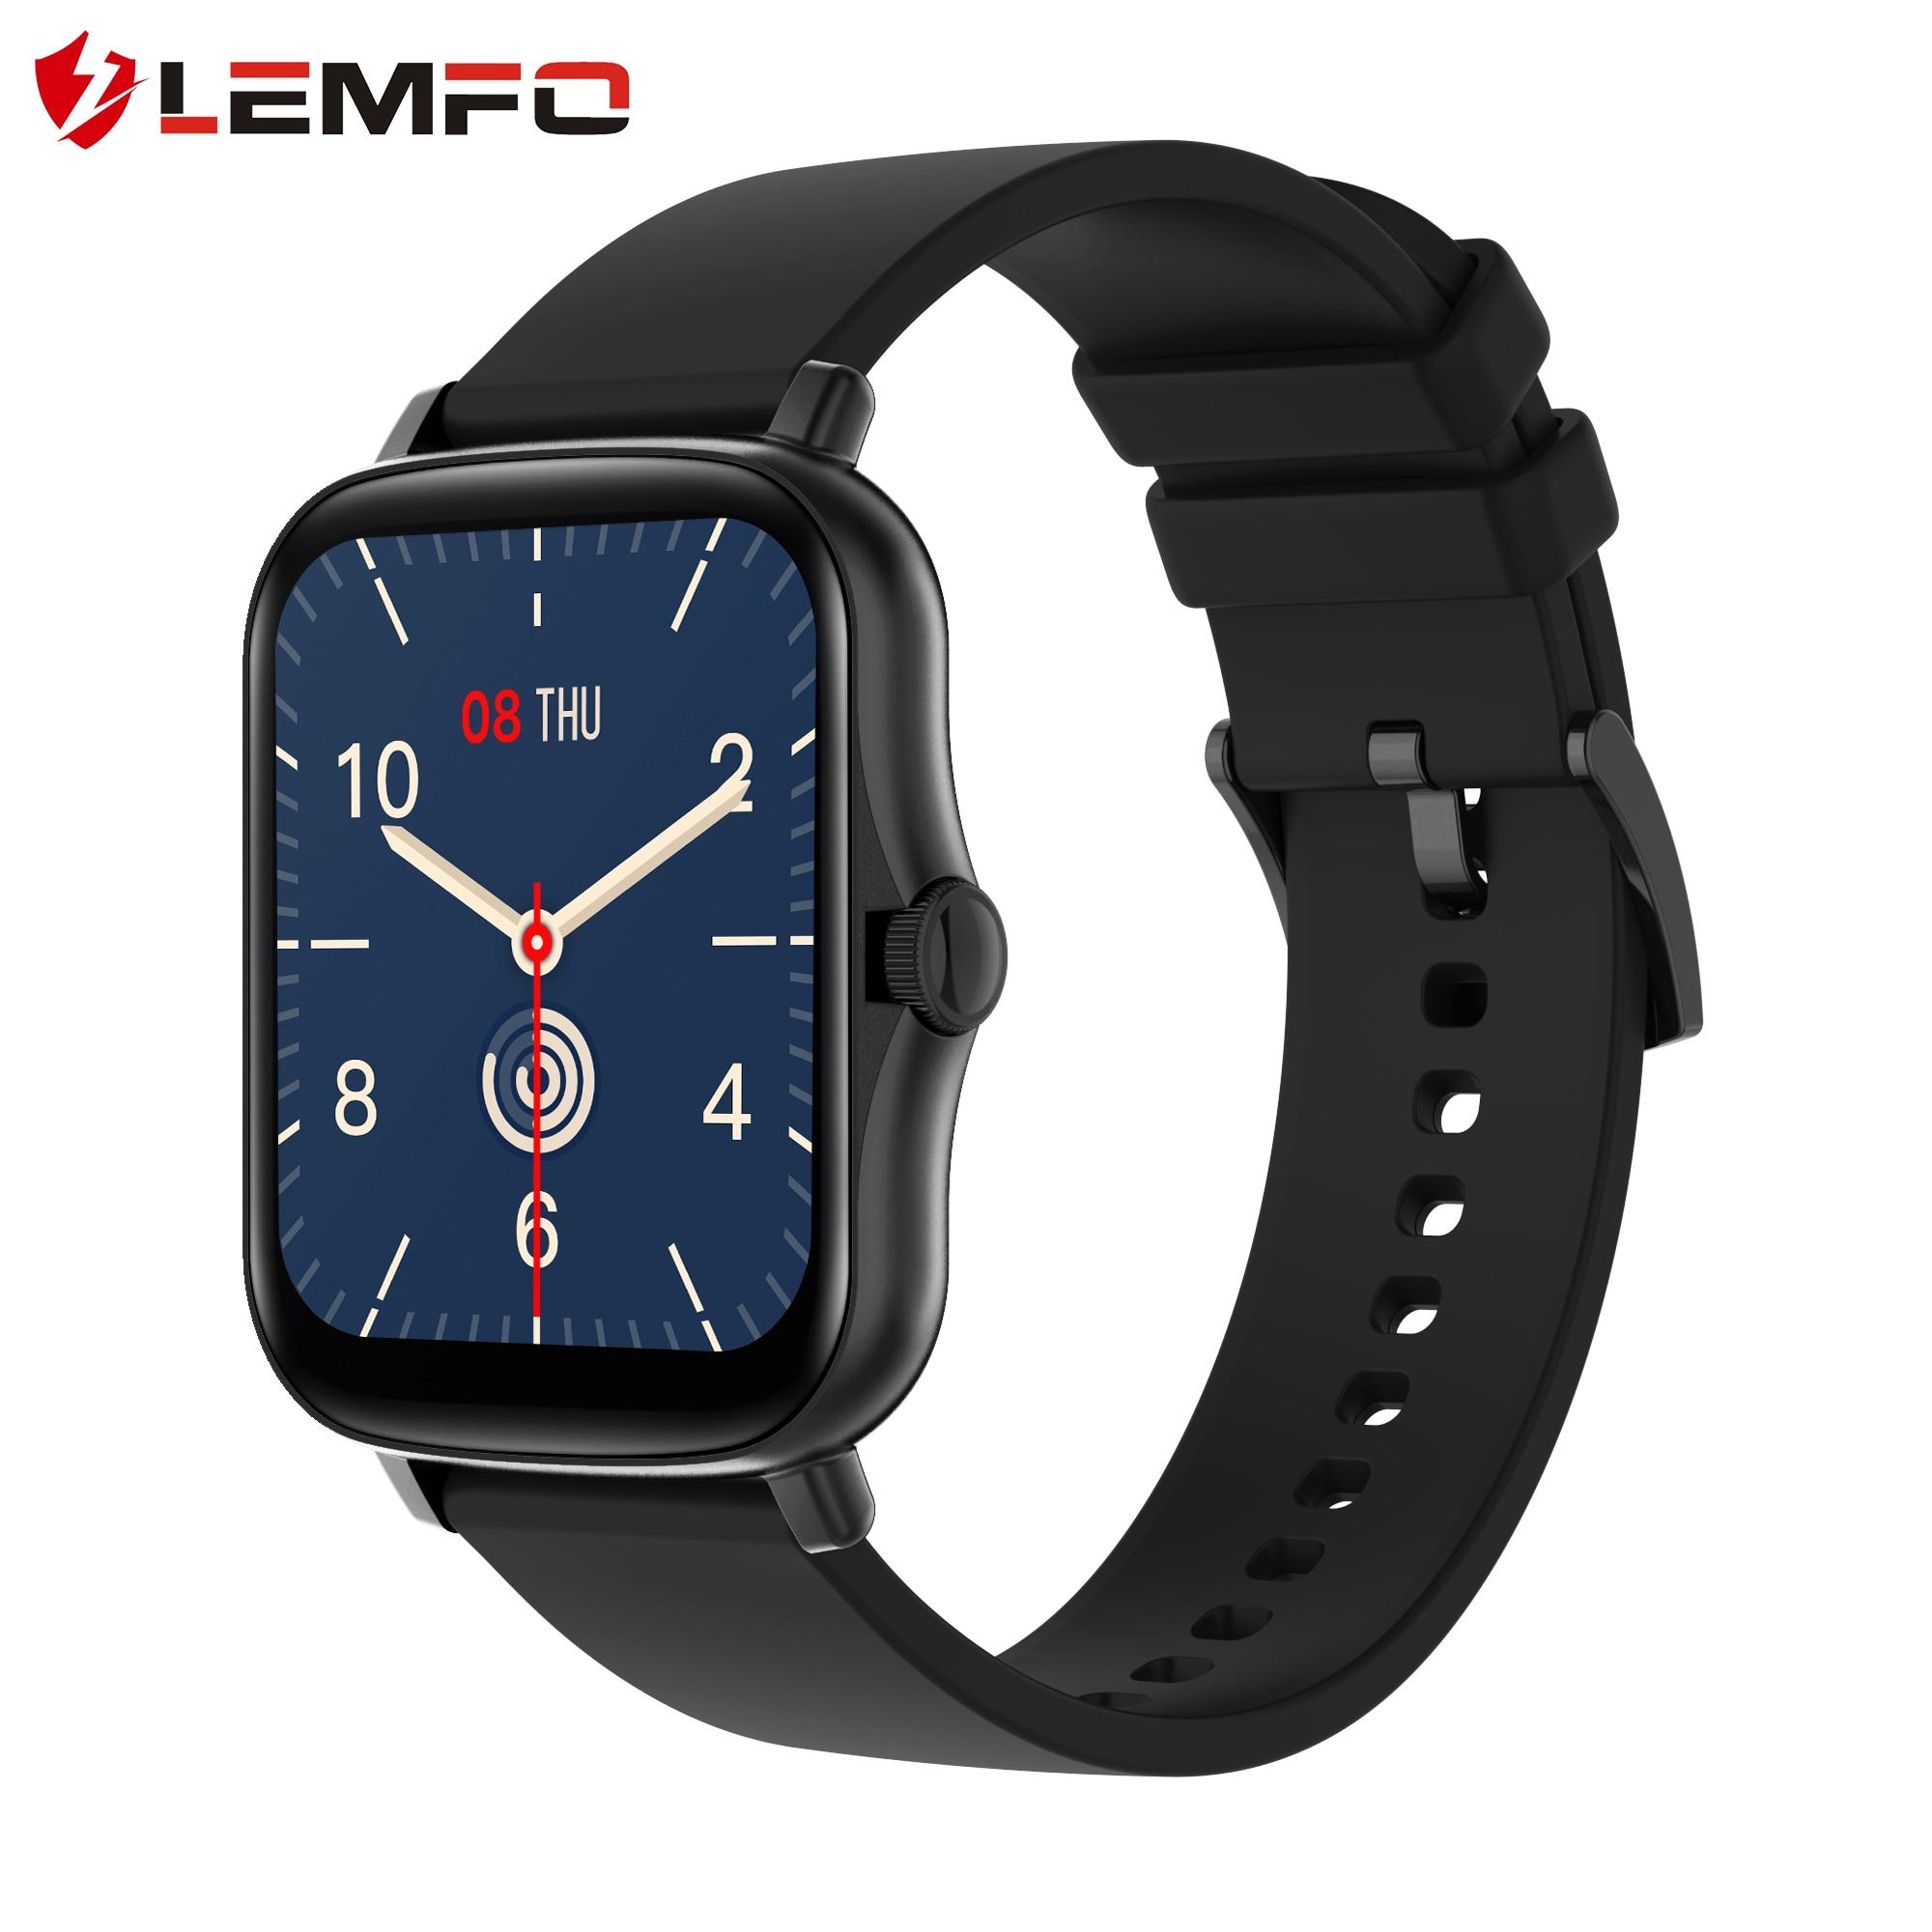 Lemfo relógio inteligente 2021 das mulheres dos homens 1.69 polegada tela sensível ao toque completo rastreador de fitness ip67 à prova dip67 água gts 2 2e smartwatch pk p8 plus